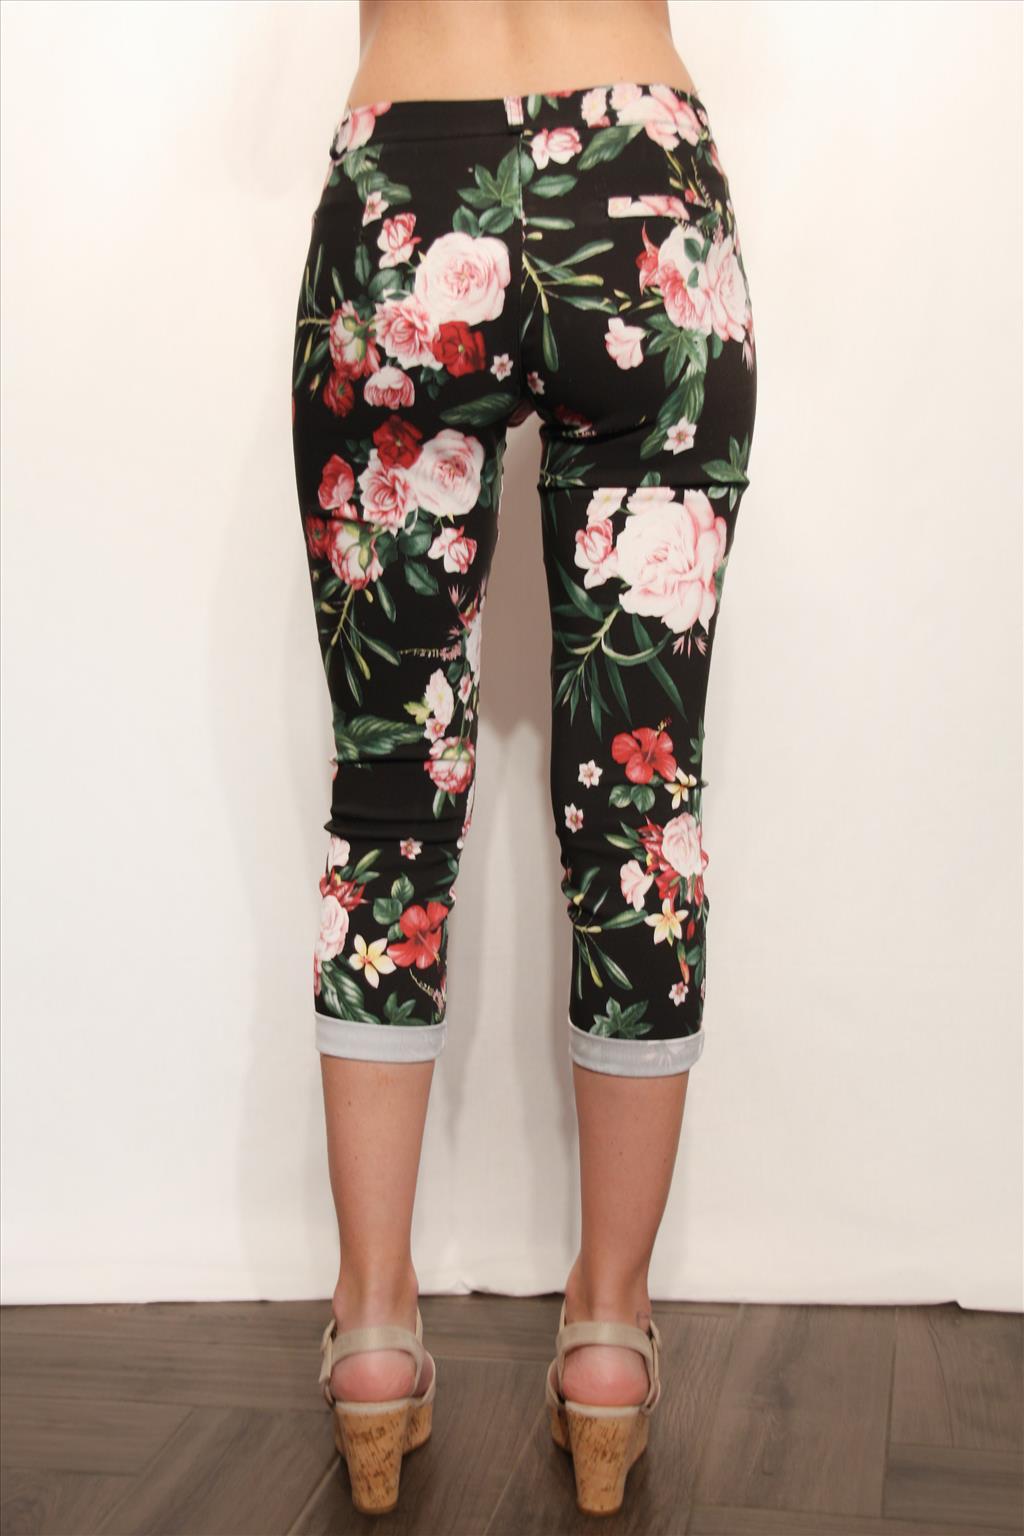 Pantalone fiorato